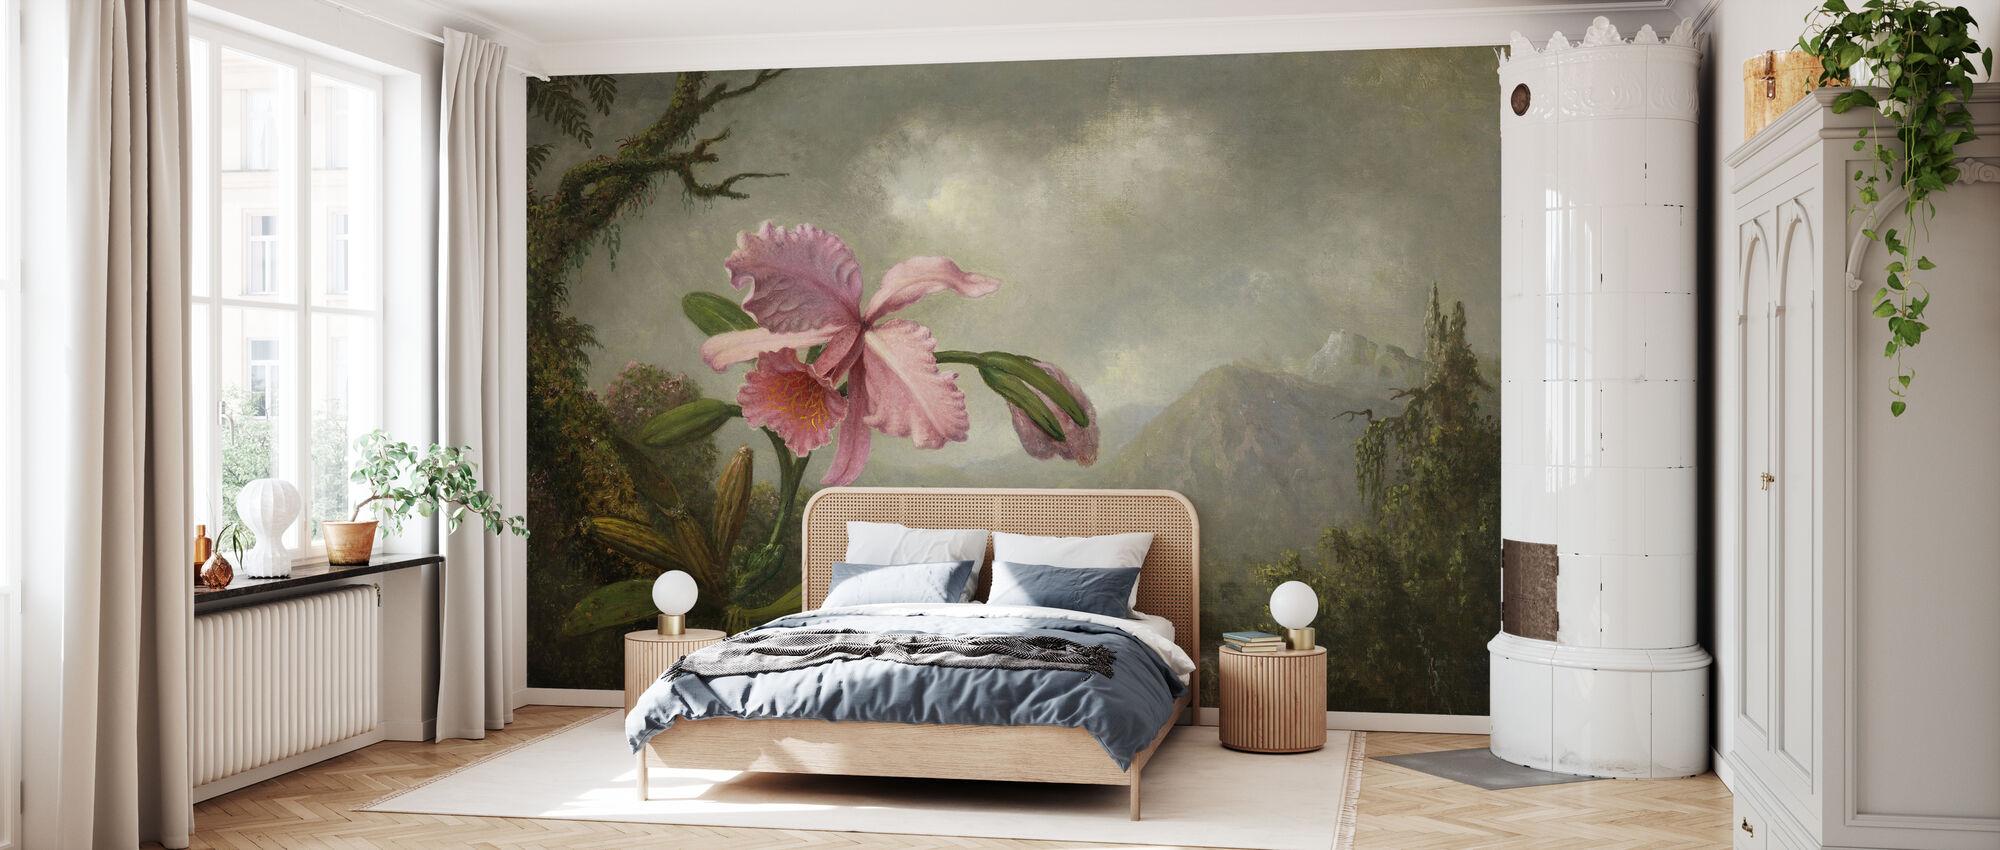 Orchid and Hummingbird - Martin Johnson Heade - Wallpaper - Bedroom